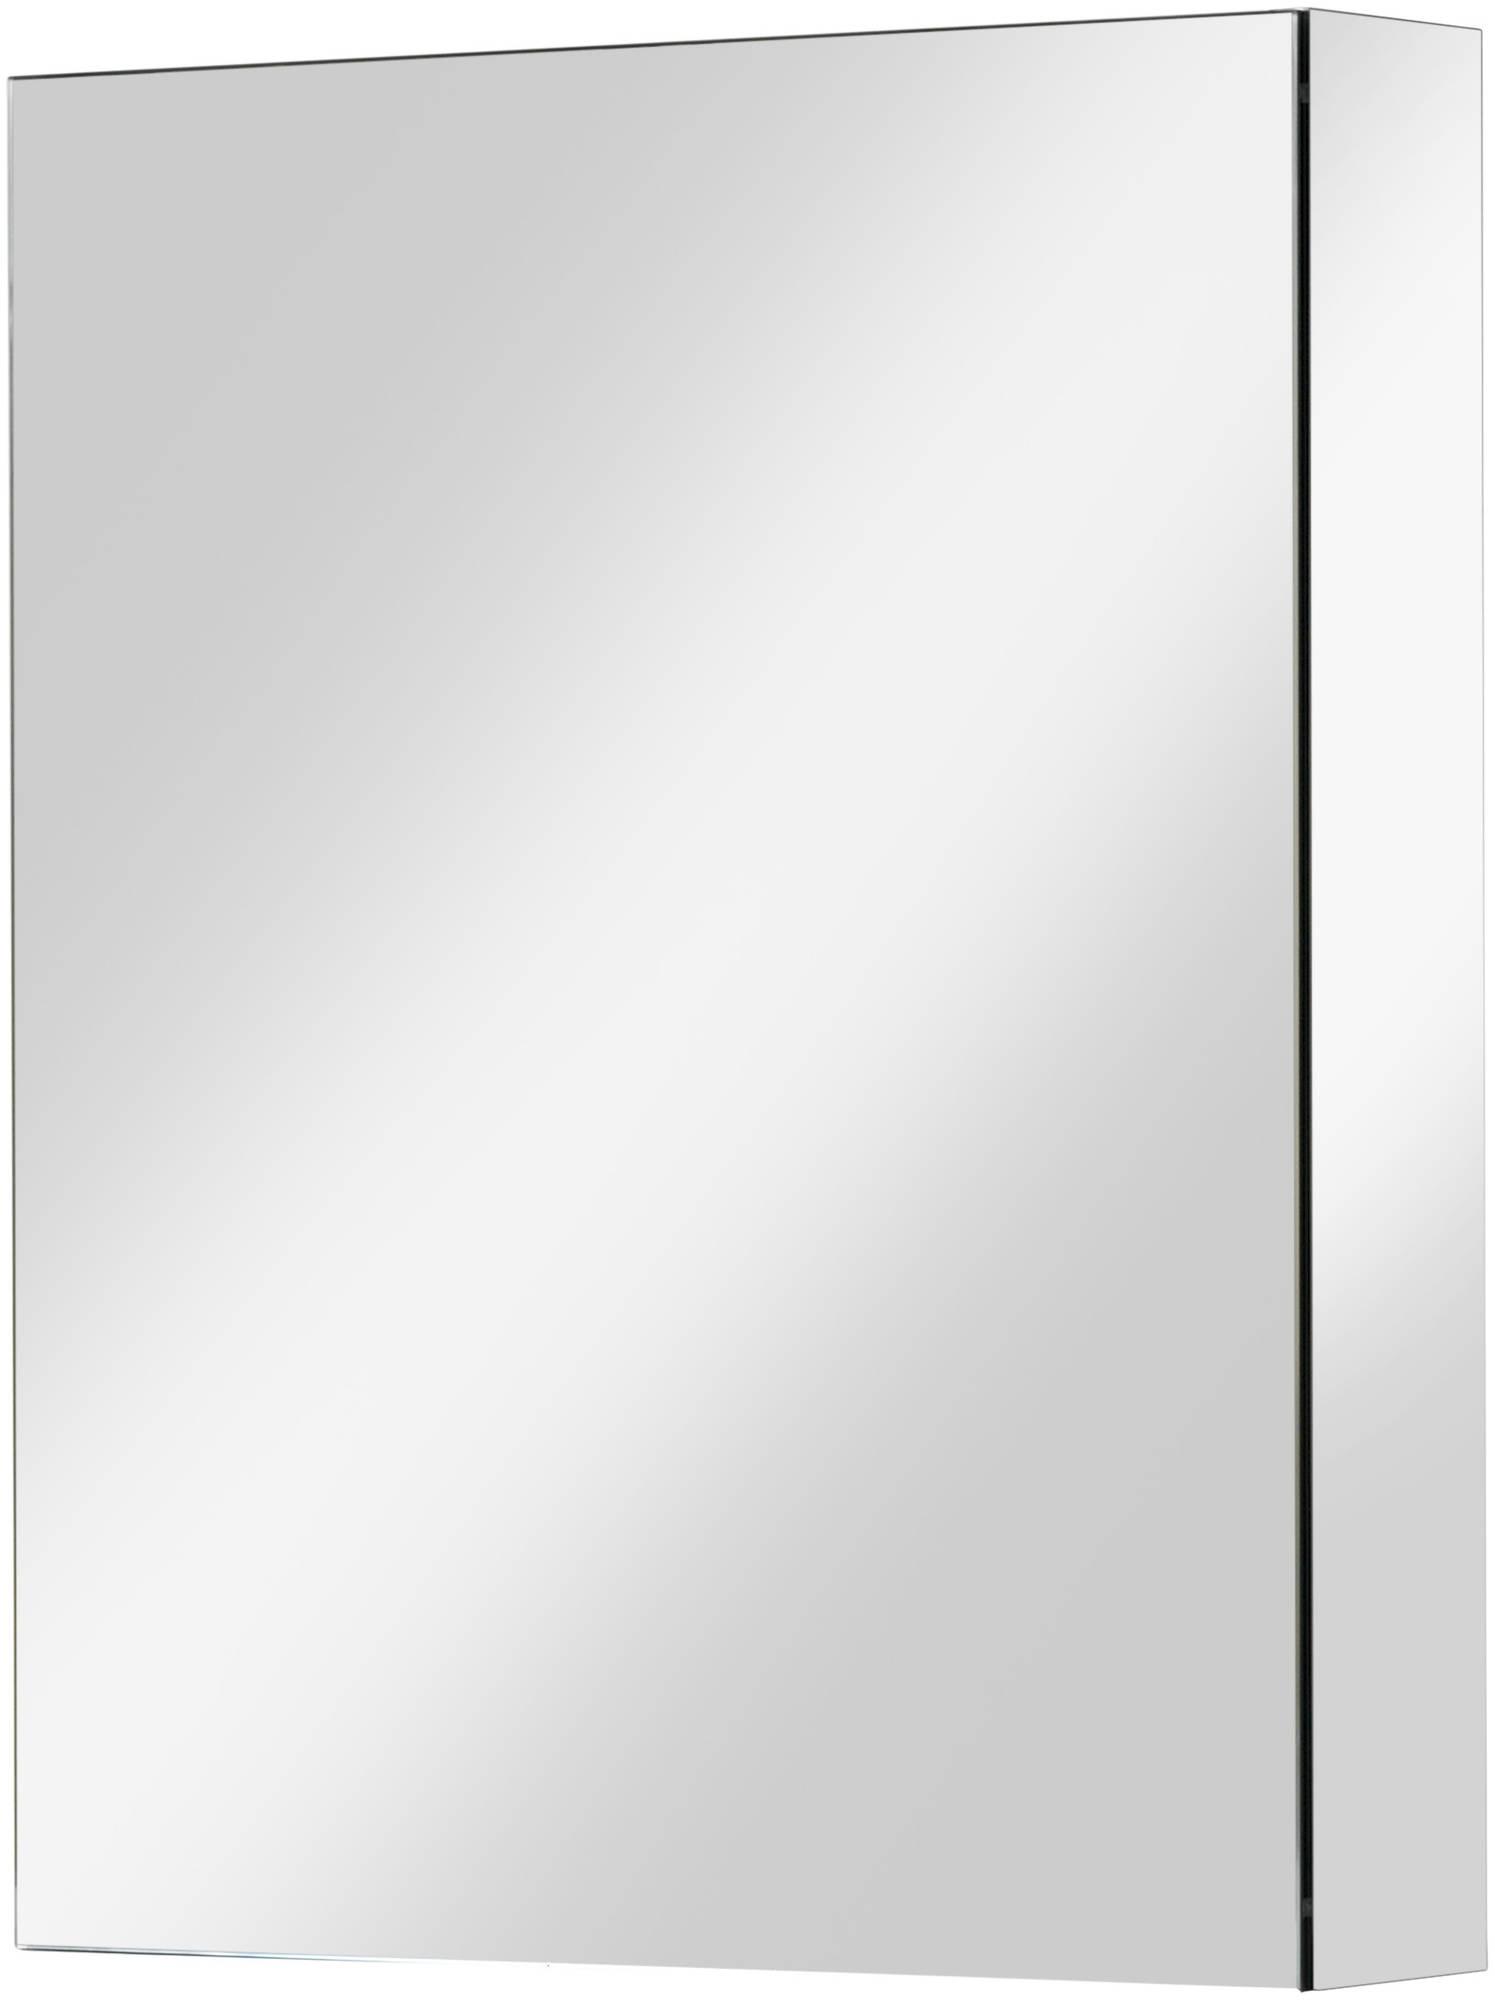 Ben Vario spiegelkast,1 gelijk deel,links,60x14x75cm, spiegelmelamine omtrokken zijpanelen